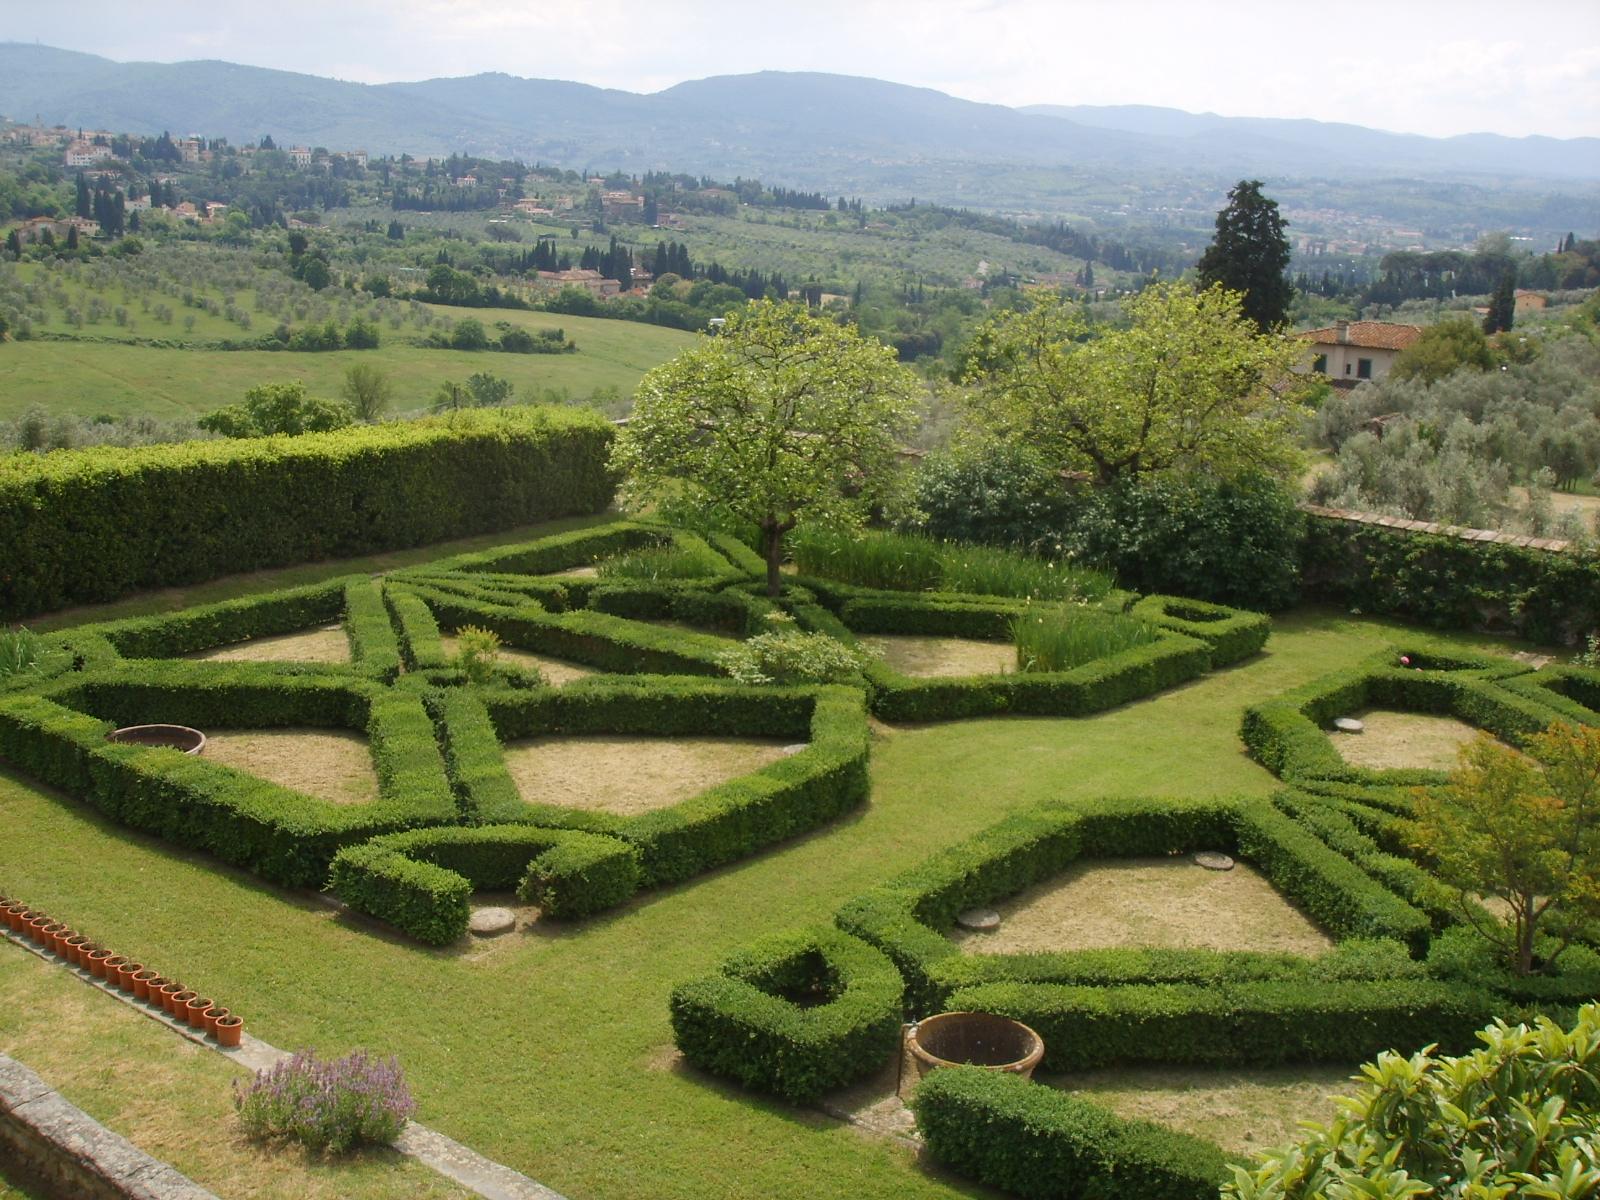 File villa di maiano giardino all 39 italiana 02 jpg - Giardino all italiana ...